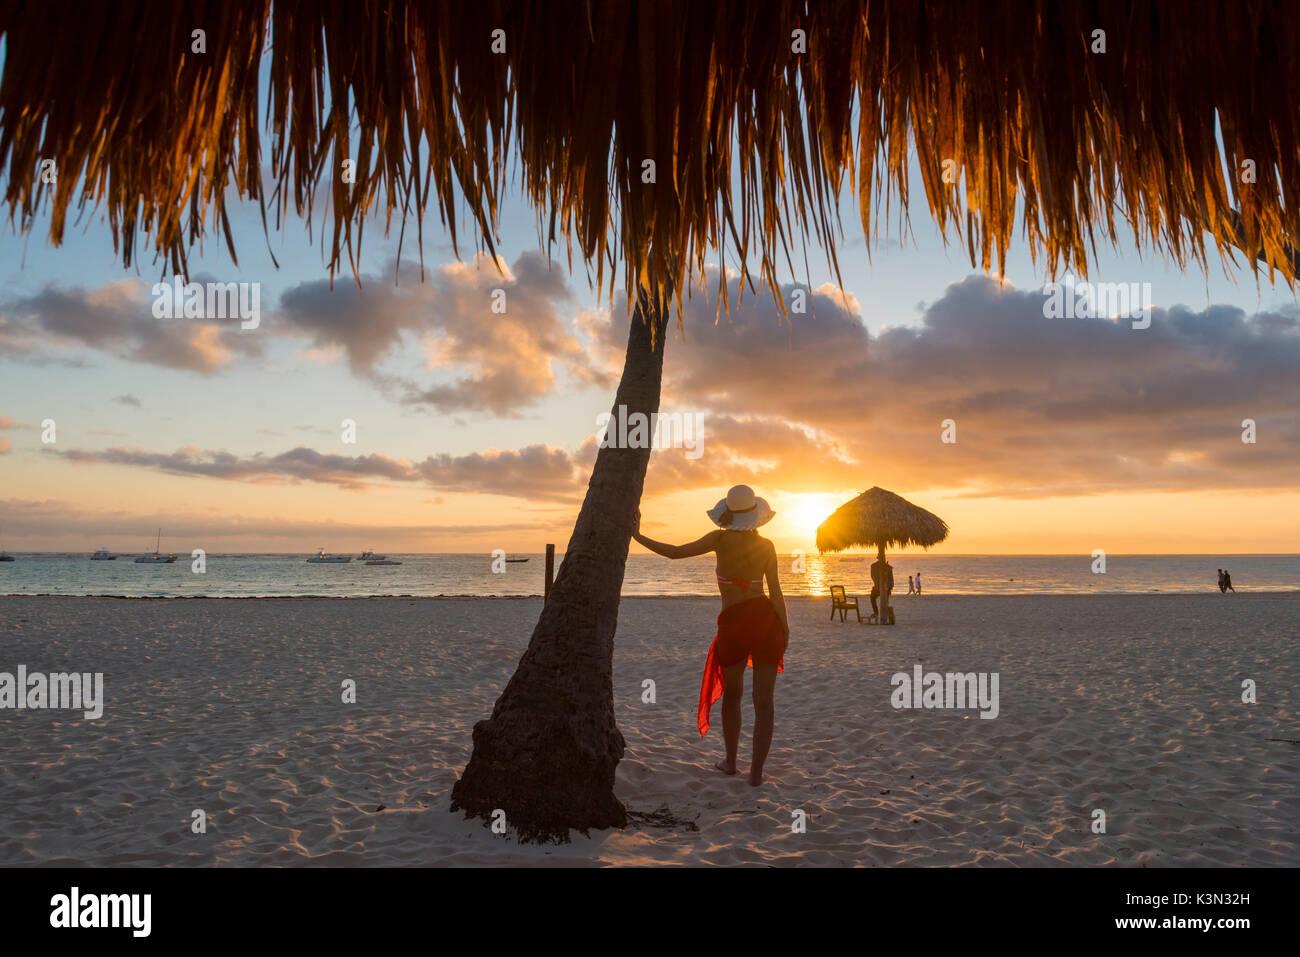 Bavaro Beach, Bavaro, Higuey, Punta Cana, Repubblica Dominicana. La donna da ombrelloni di paglia sulla spiaggia al tramonto (MR). Immagini Stock